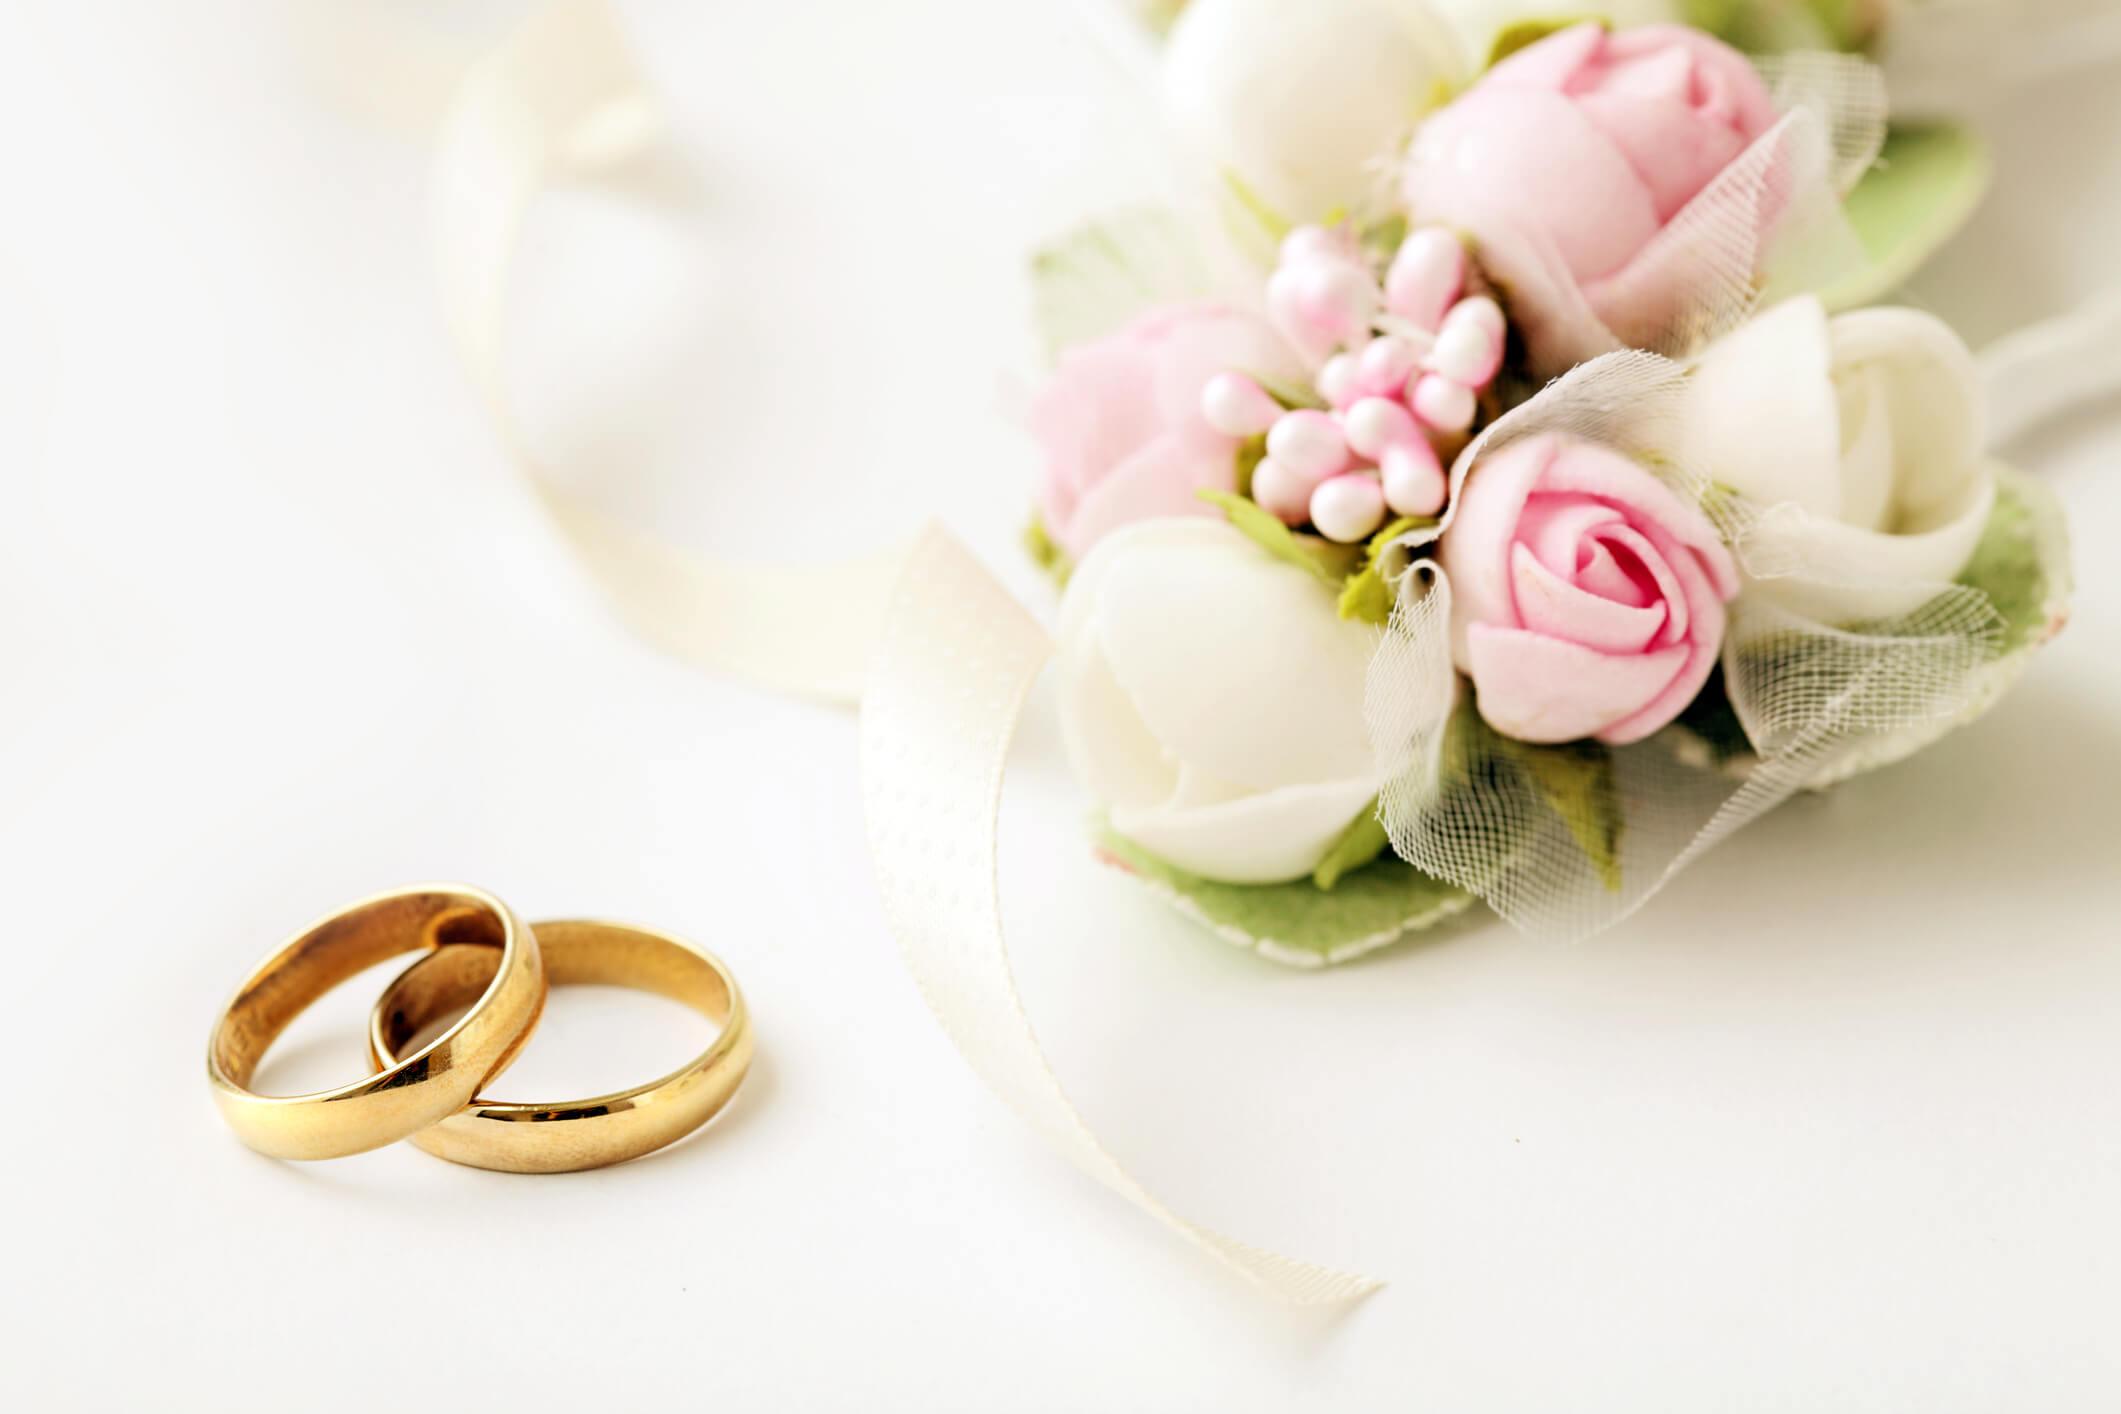 مردم ایران بیشتر در چه سنی ازدواج میکنند؟